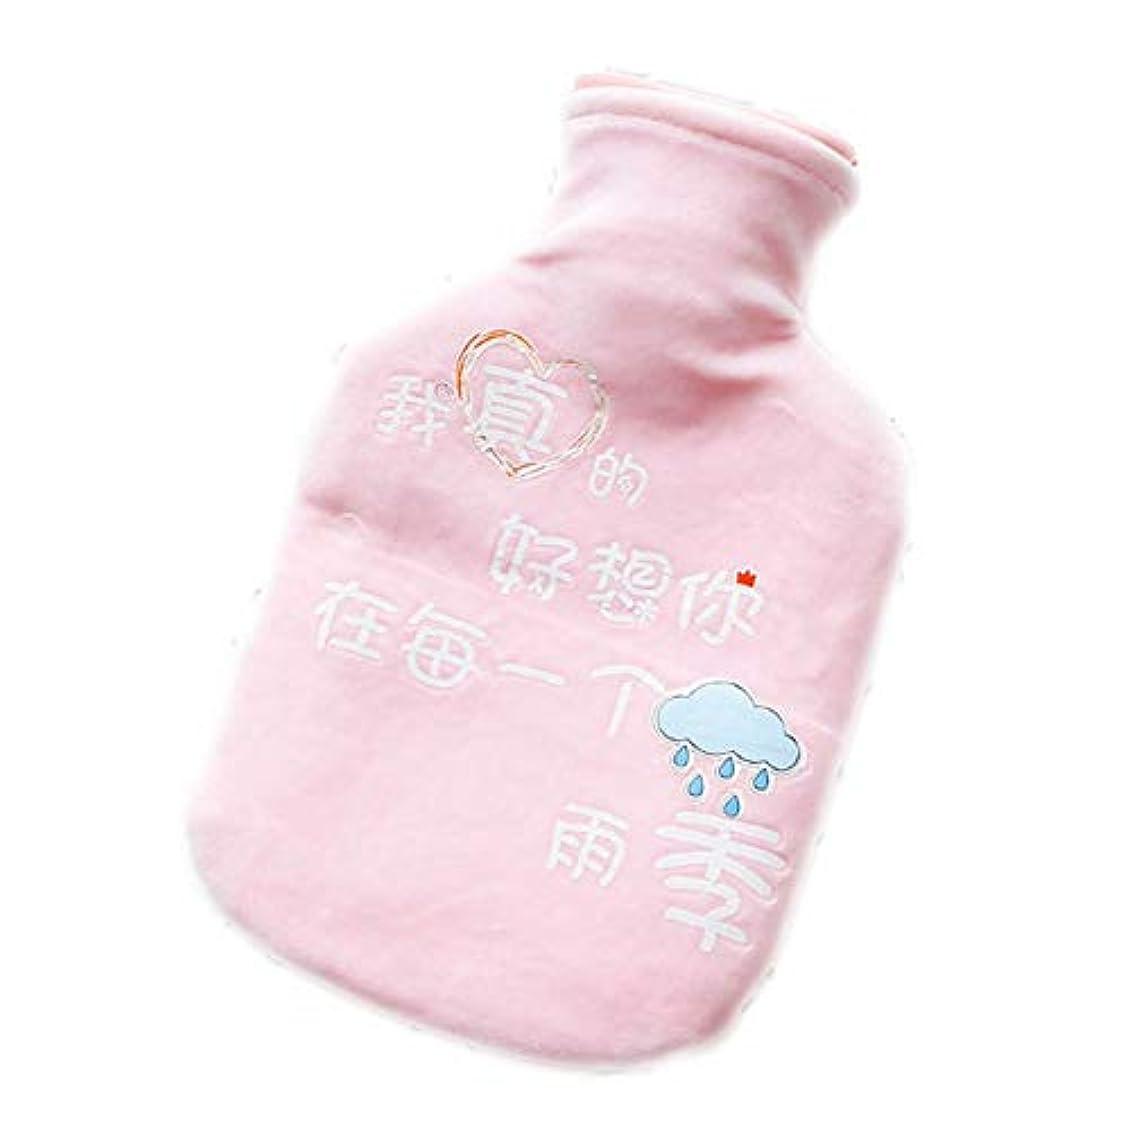 デコードする資格ゲストかわいい湯たんぽミニハンドウォーマー750ミリリットルの学生女性の温水バッグ